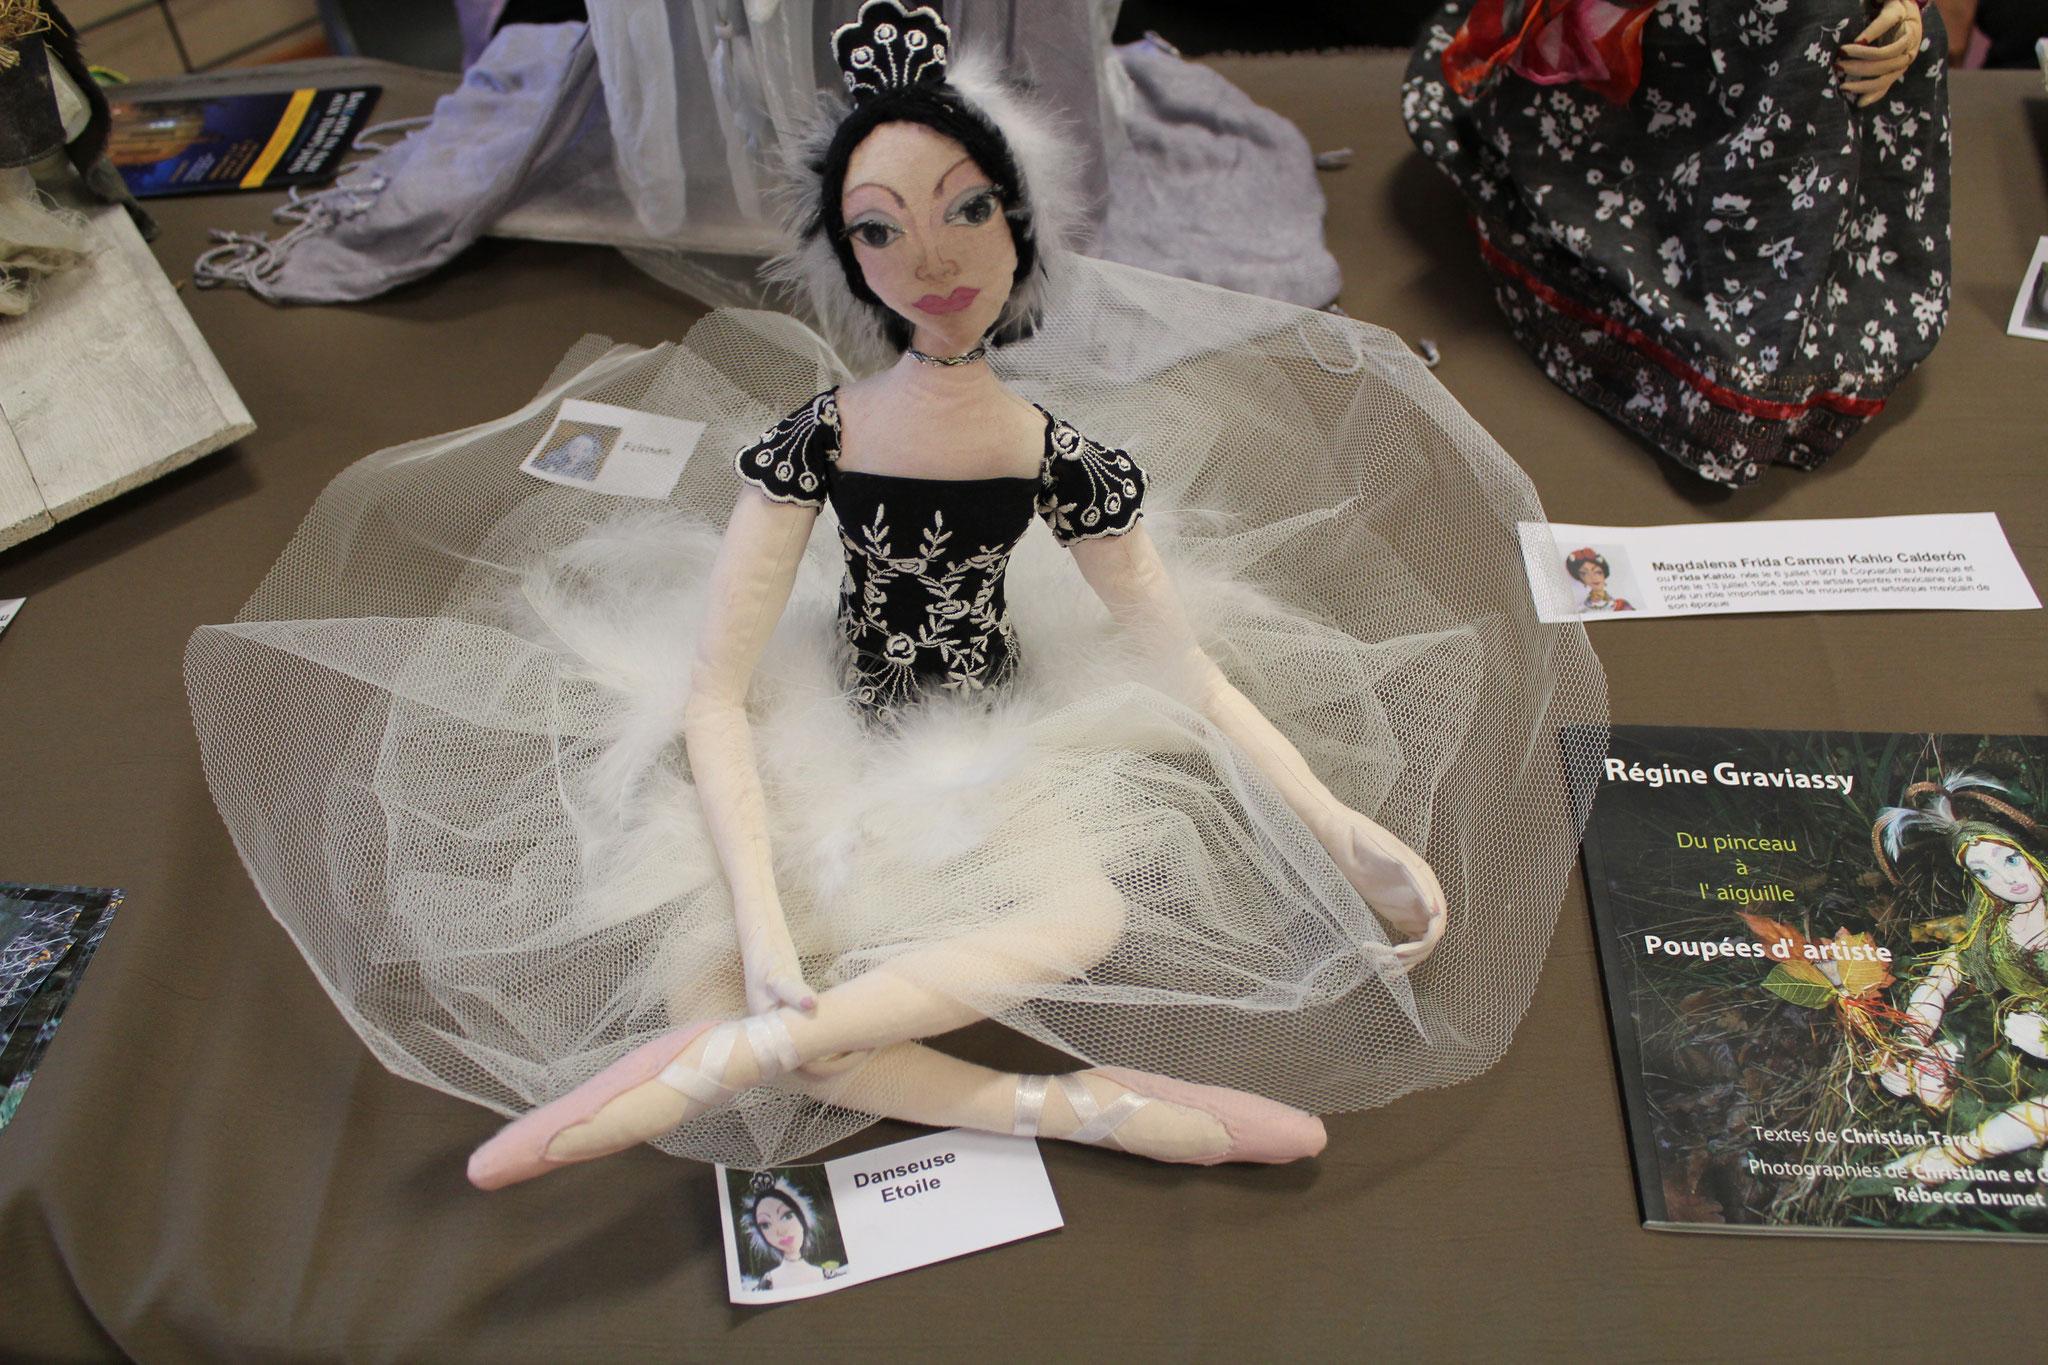 Régine Graviassy. poupées d'artiste. Exposition à la Fête du Fil Labastide Rouairoux (tarn-81270) FRANCE